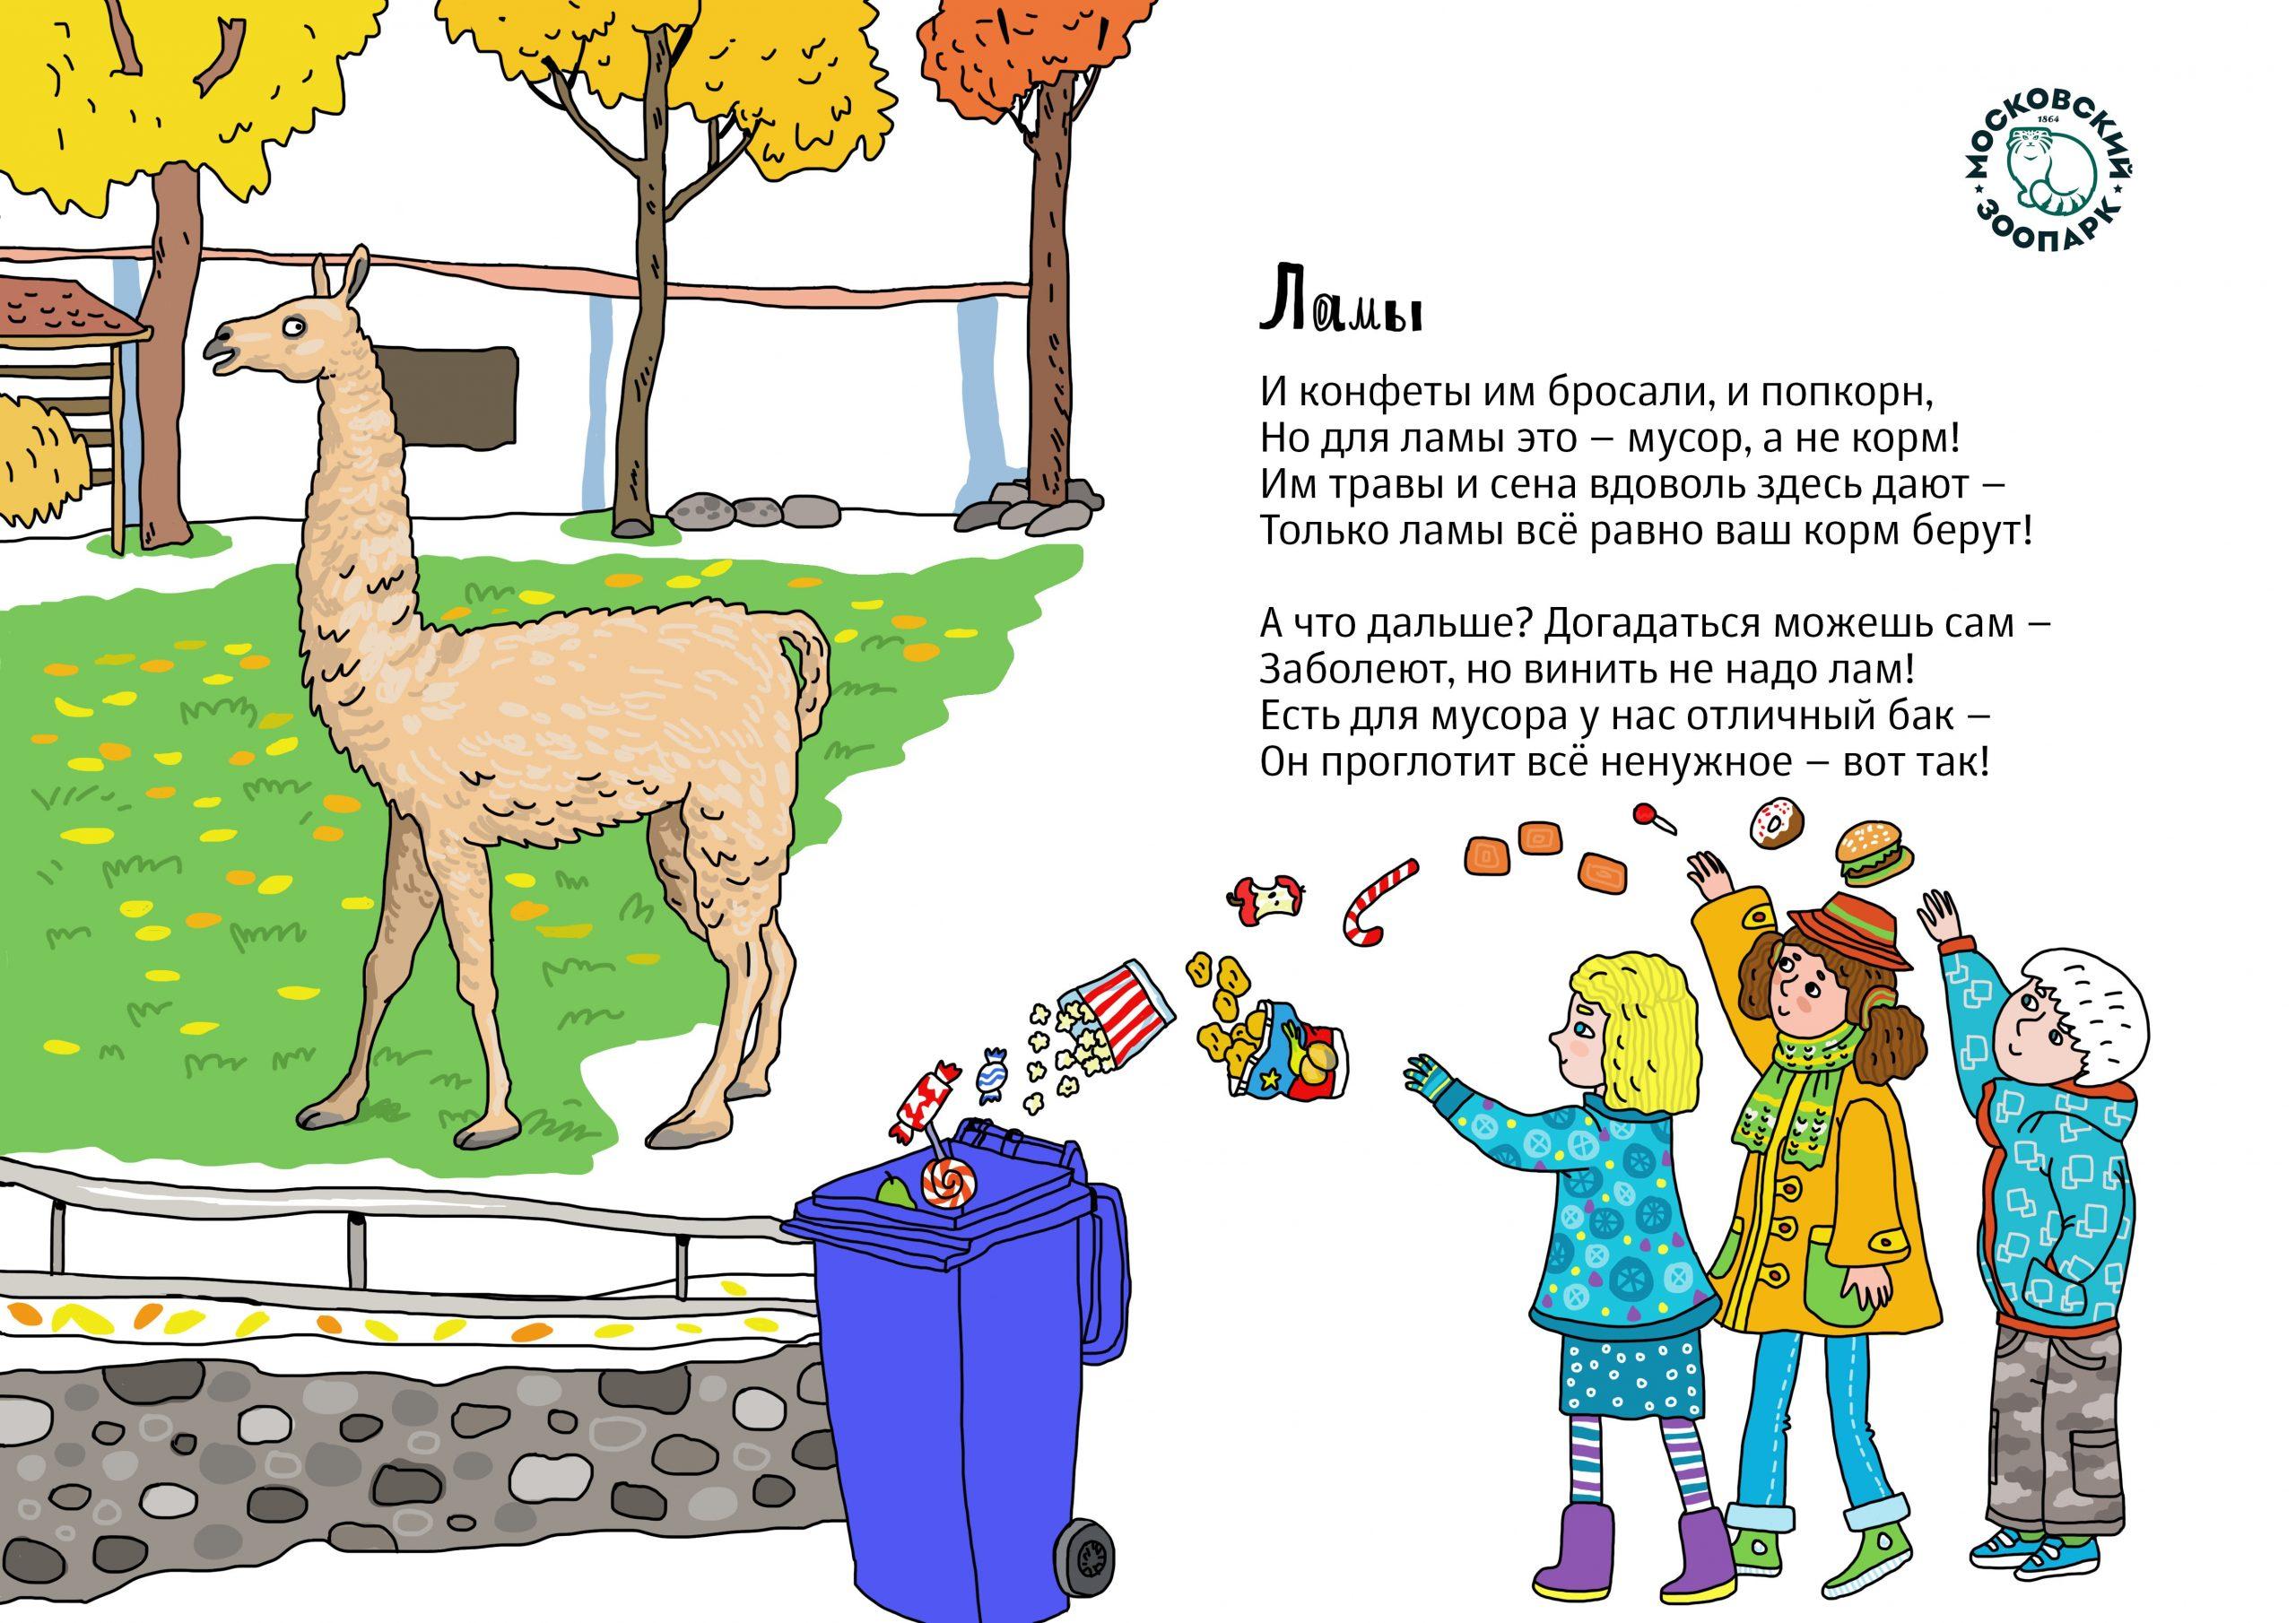 Проект «Любить – не значит кормить» стартовал в Московском зоопарке. Фото предоставили в пресс-службе Московского зоопарка